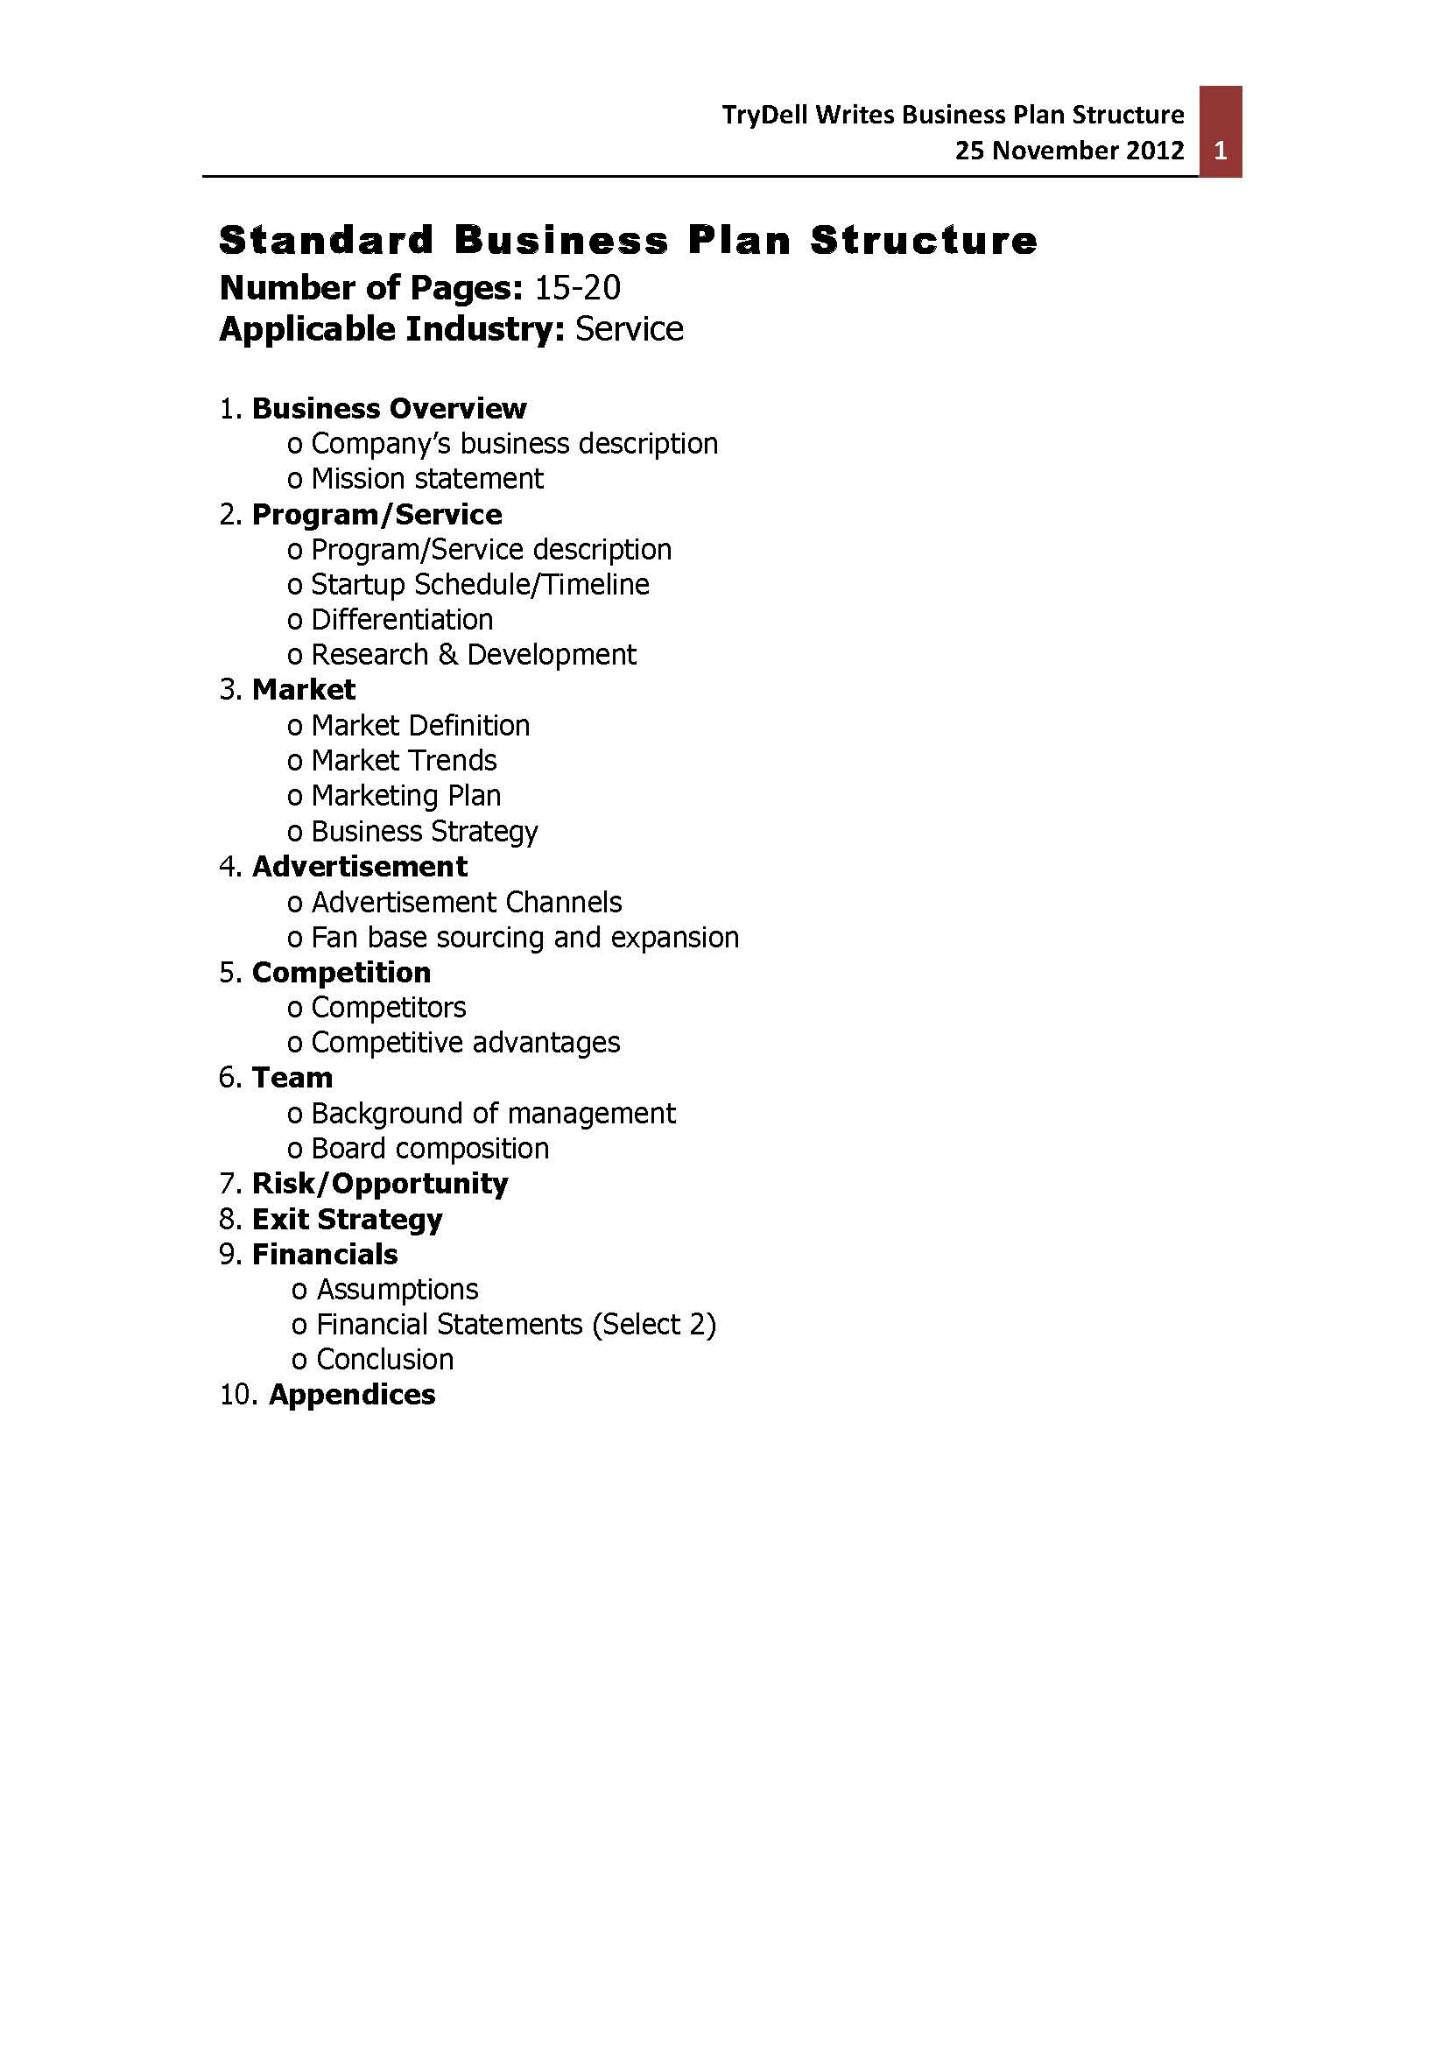 Standard business plan format